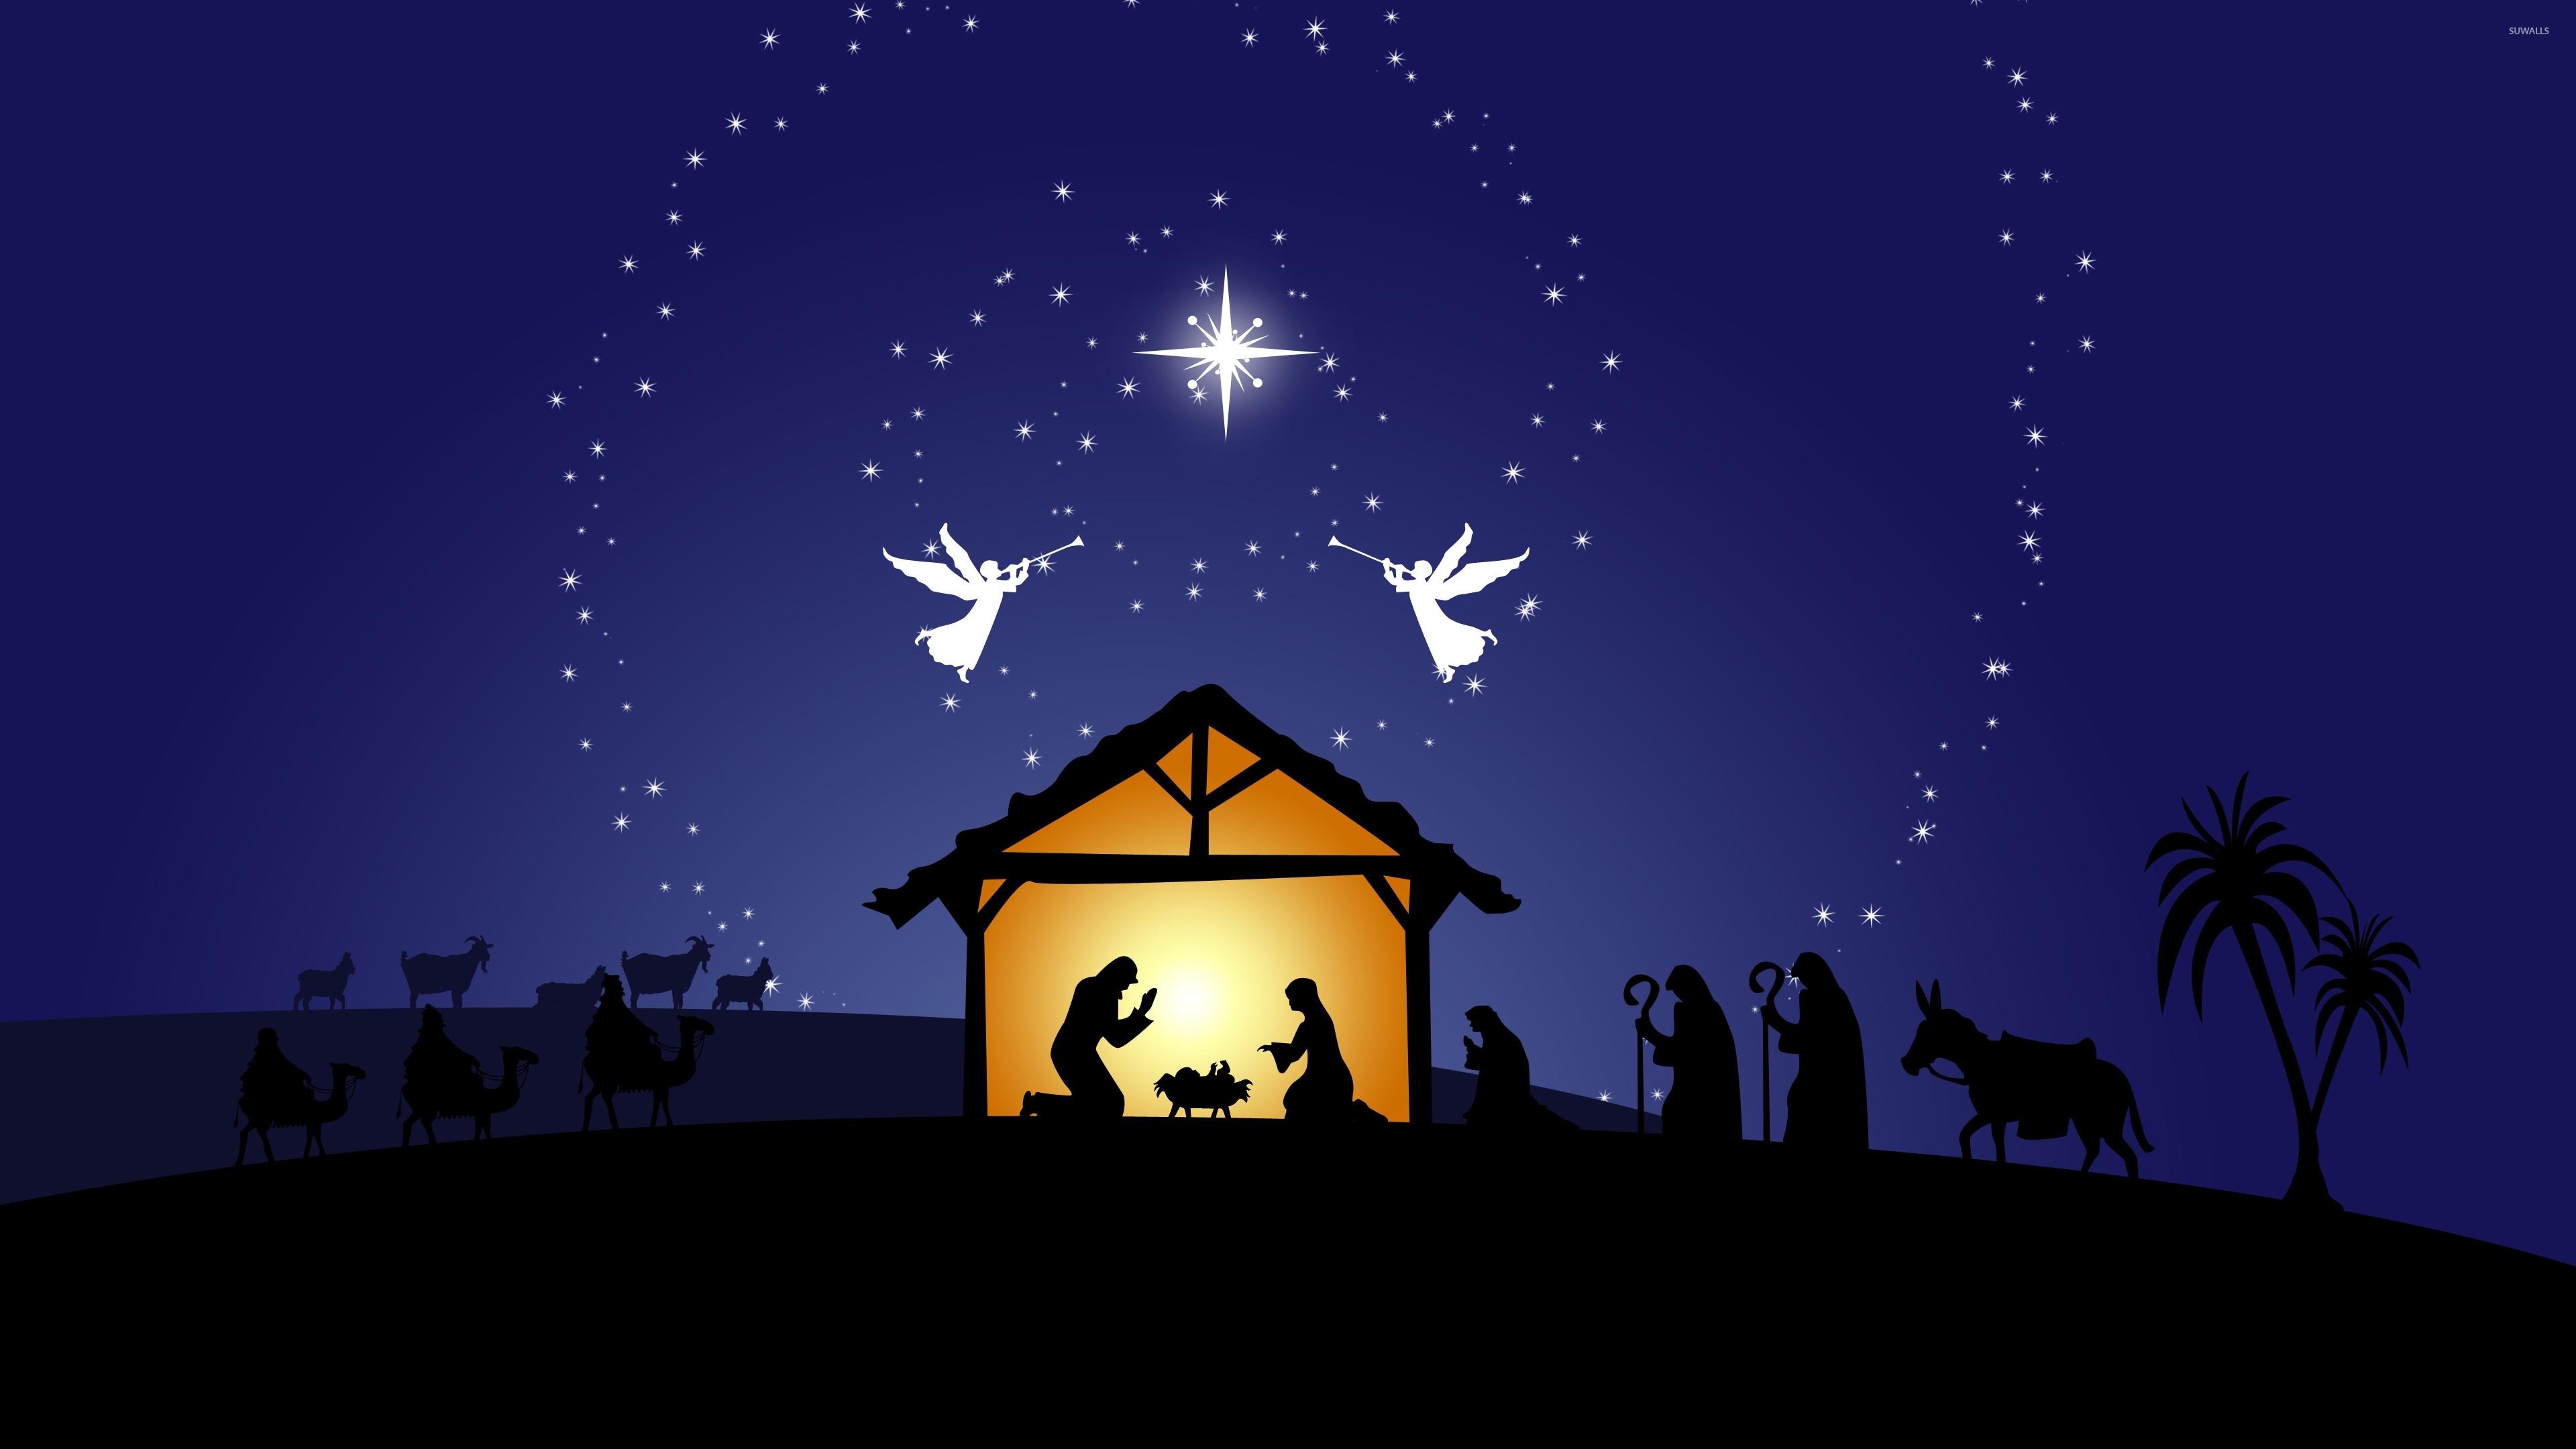 nativity scene wallpaper (44+ images)